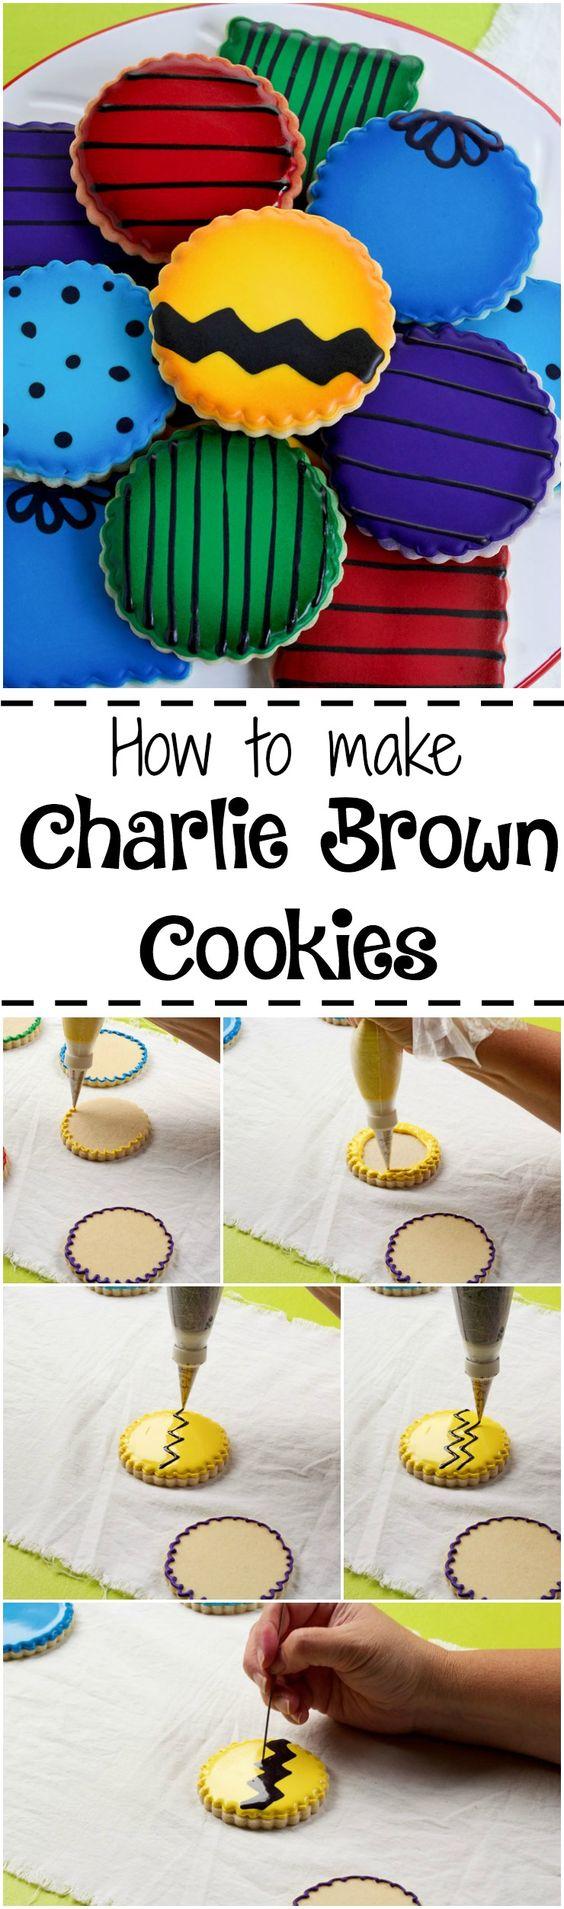 Charlie Brown Cookies: